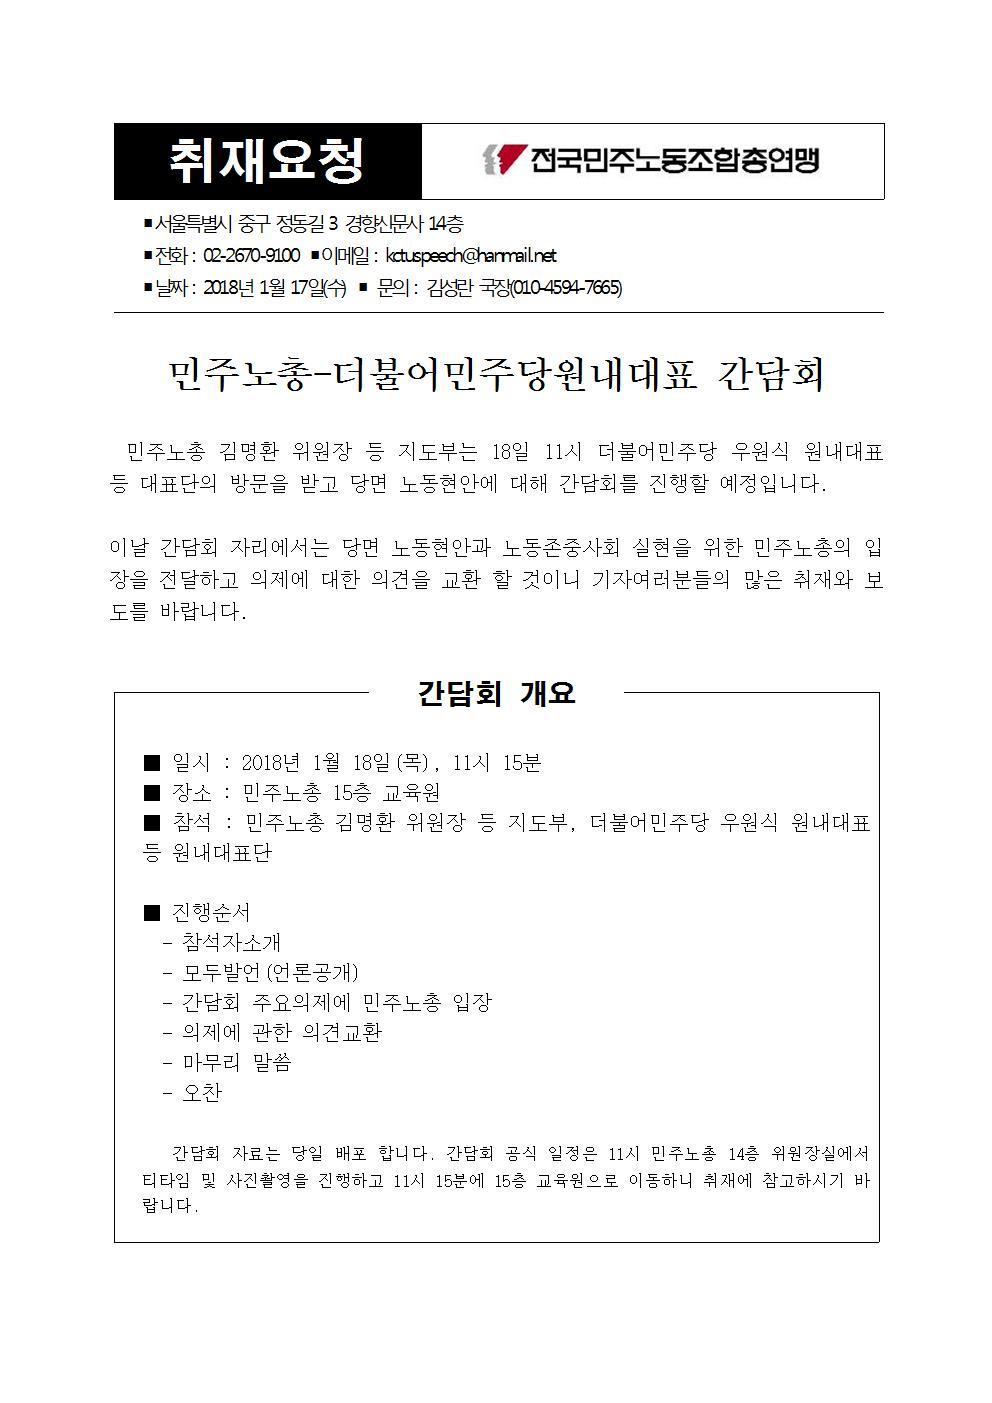 [취재요청] 1월 18일-민주노총,더불어민주당원내대표간담회001001.jpg